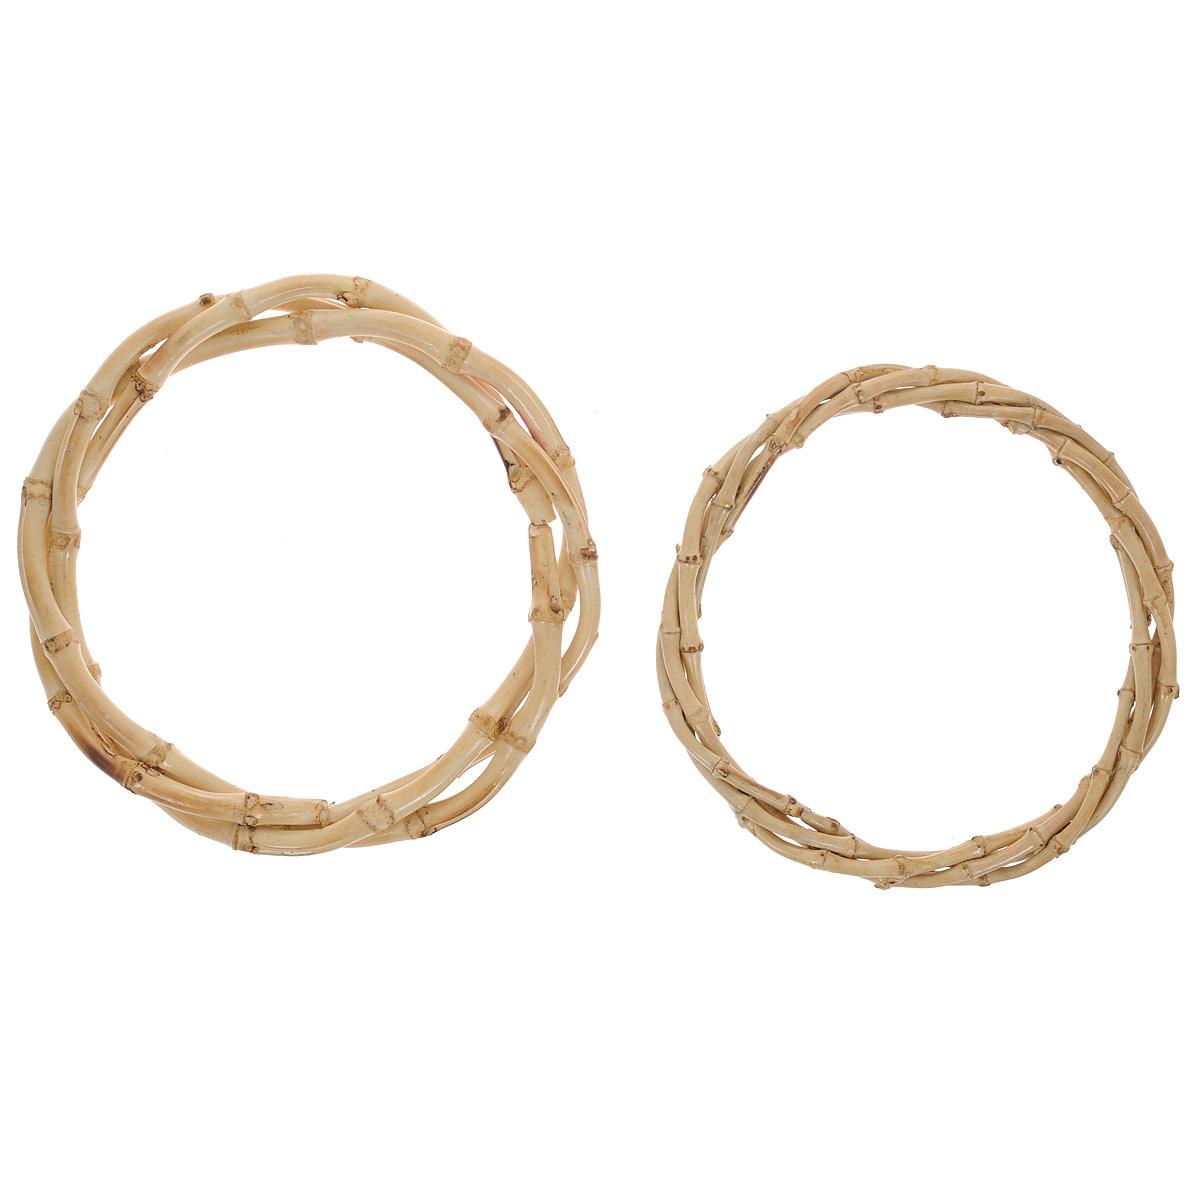 Ручки для сумок Hobby & Pro, бамбуковые, диаметр 14,5 см, 2 шт7700085Ручки для сумок Hobby & Pro, изготовлены из бамбука и имеют круглую форму. Предназначены для пришивания к сумке. Если вы решили сшить, связать или свалять себе сумочку, обратите внимание на эти ручки, они будут прекрасным и удобным завершением вашего шедевра.